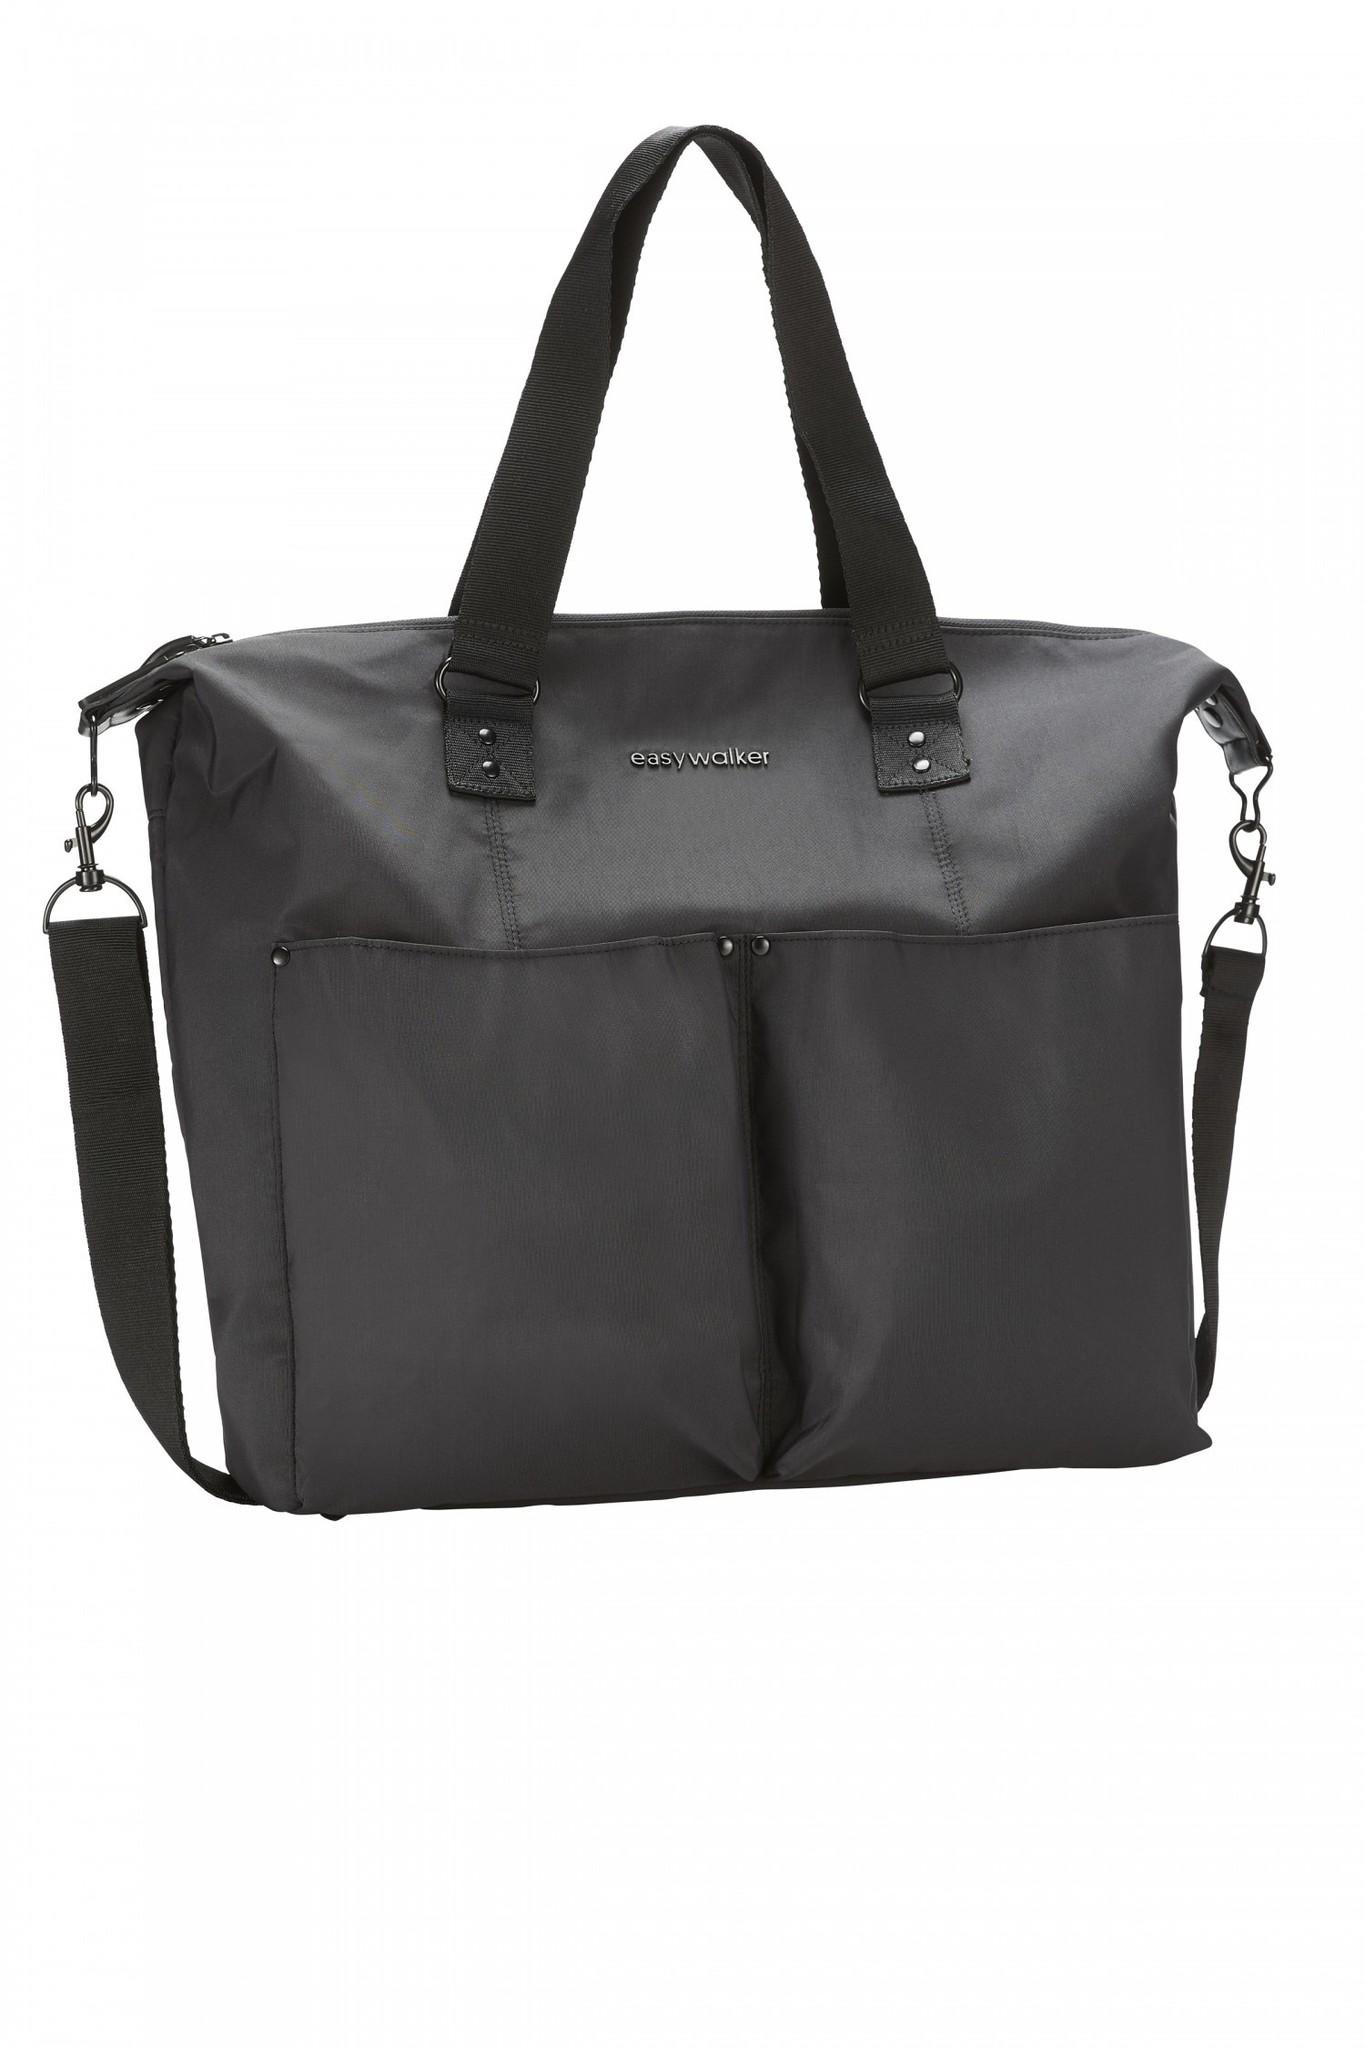 Easywalker Easywalker nursery bag / verzorgingstas Night Black